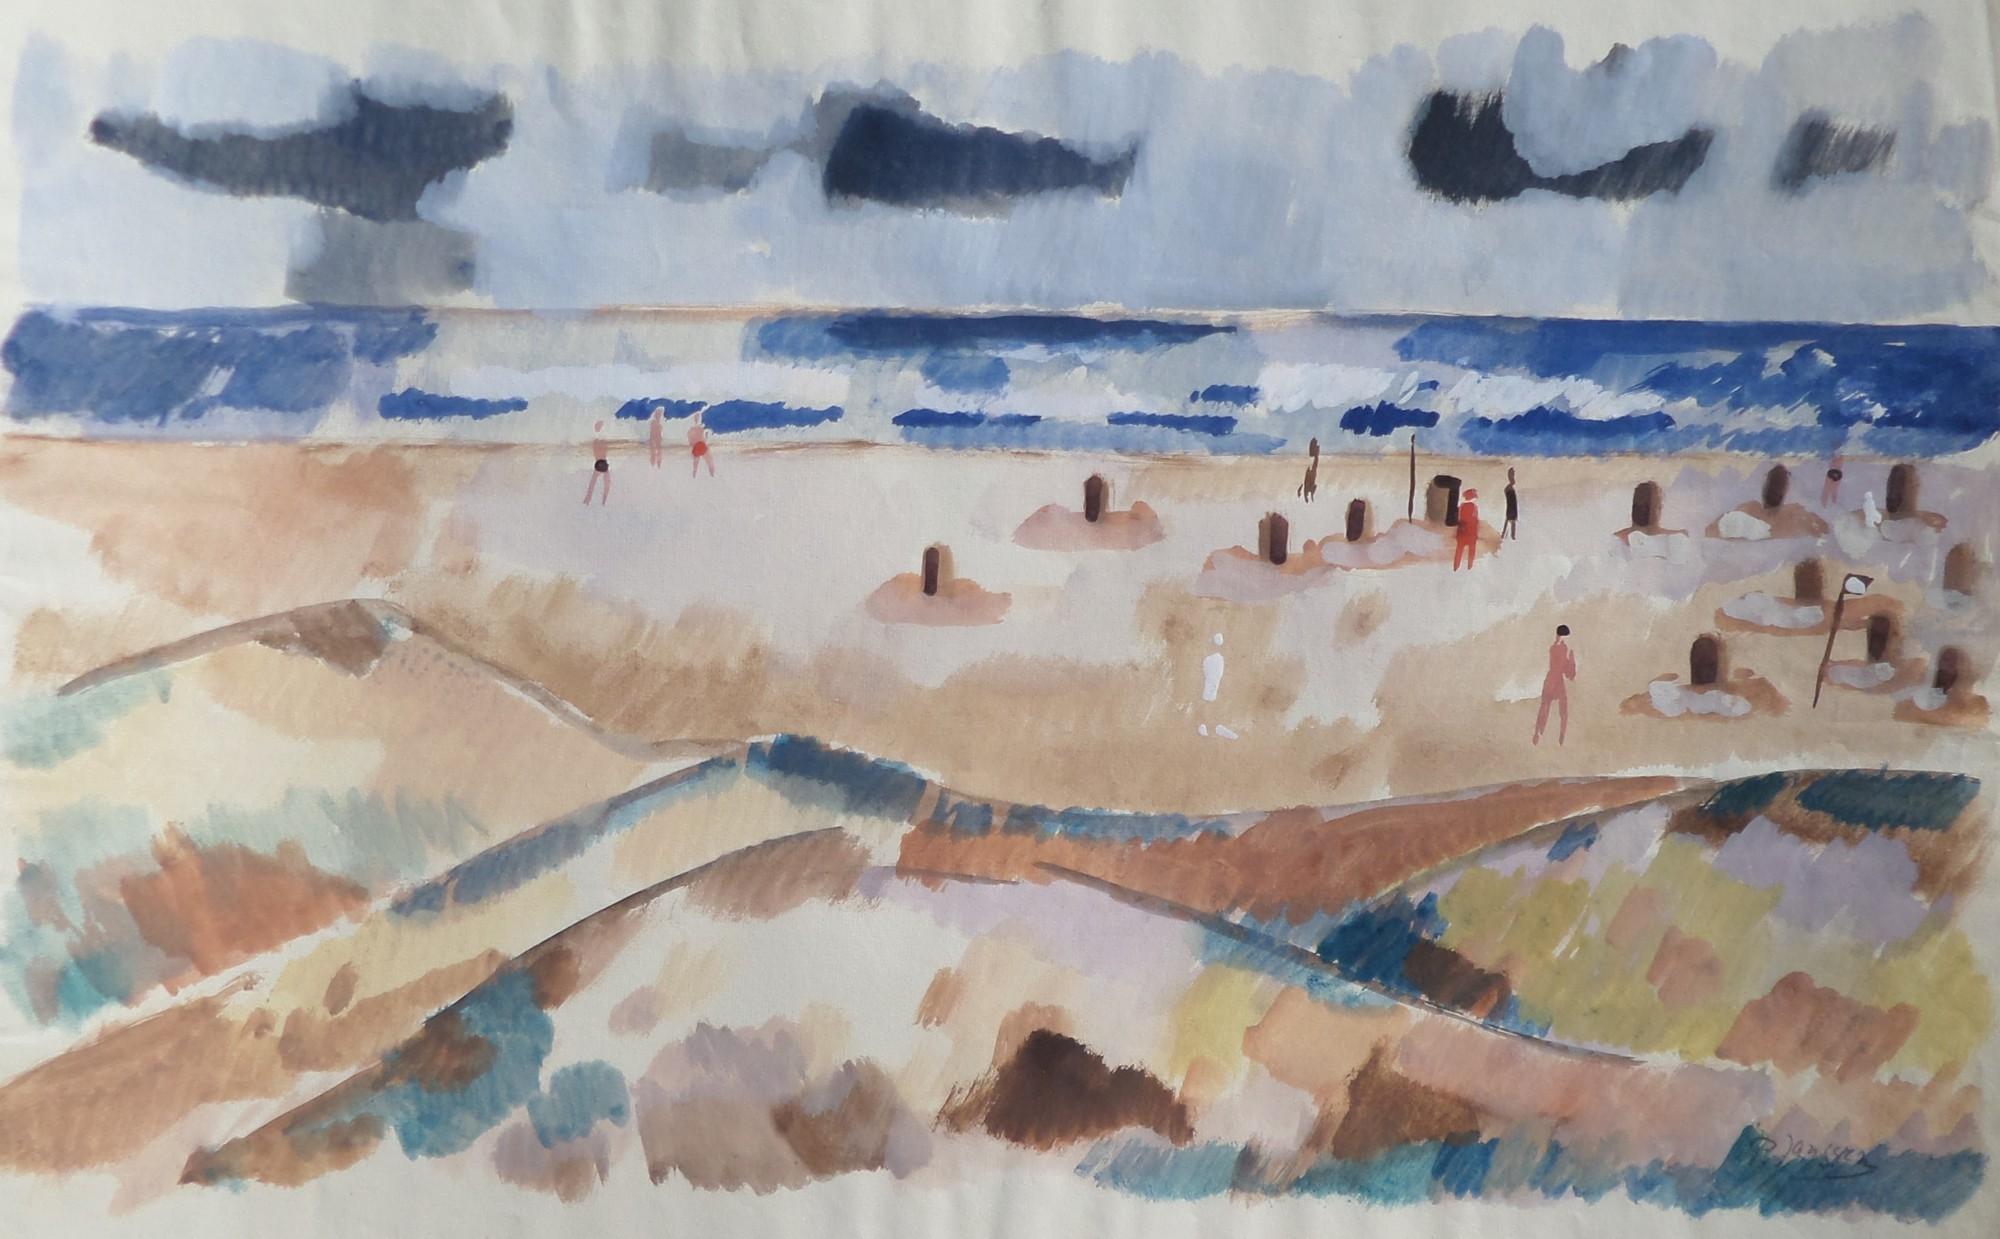 Strandidylle, um 1950,  Aquarell von Peter Janssen, für vergrößerte Ansicht hier klicken!